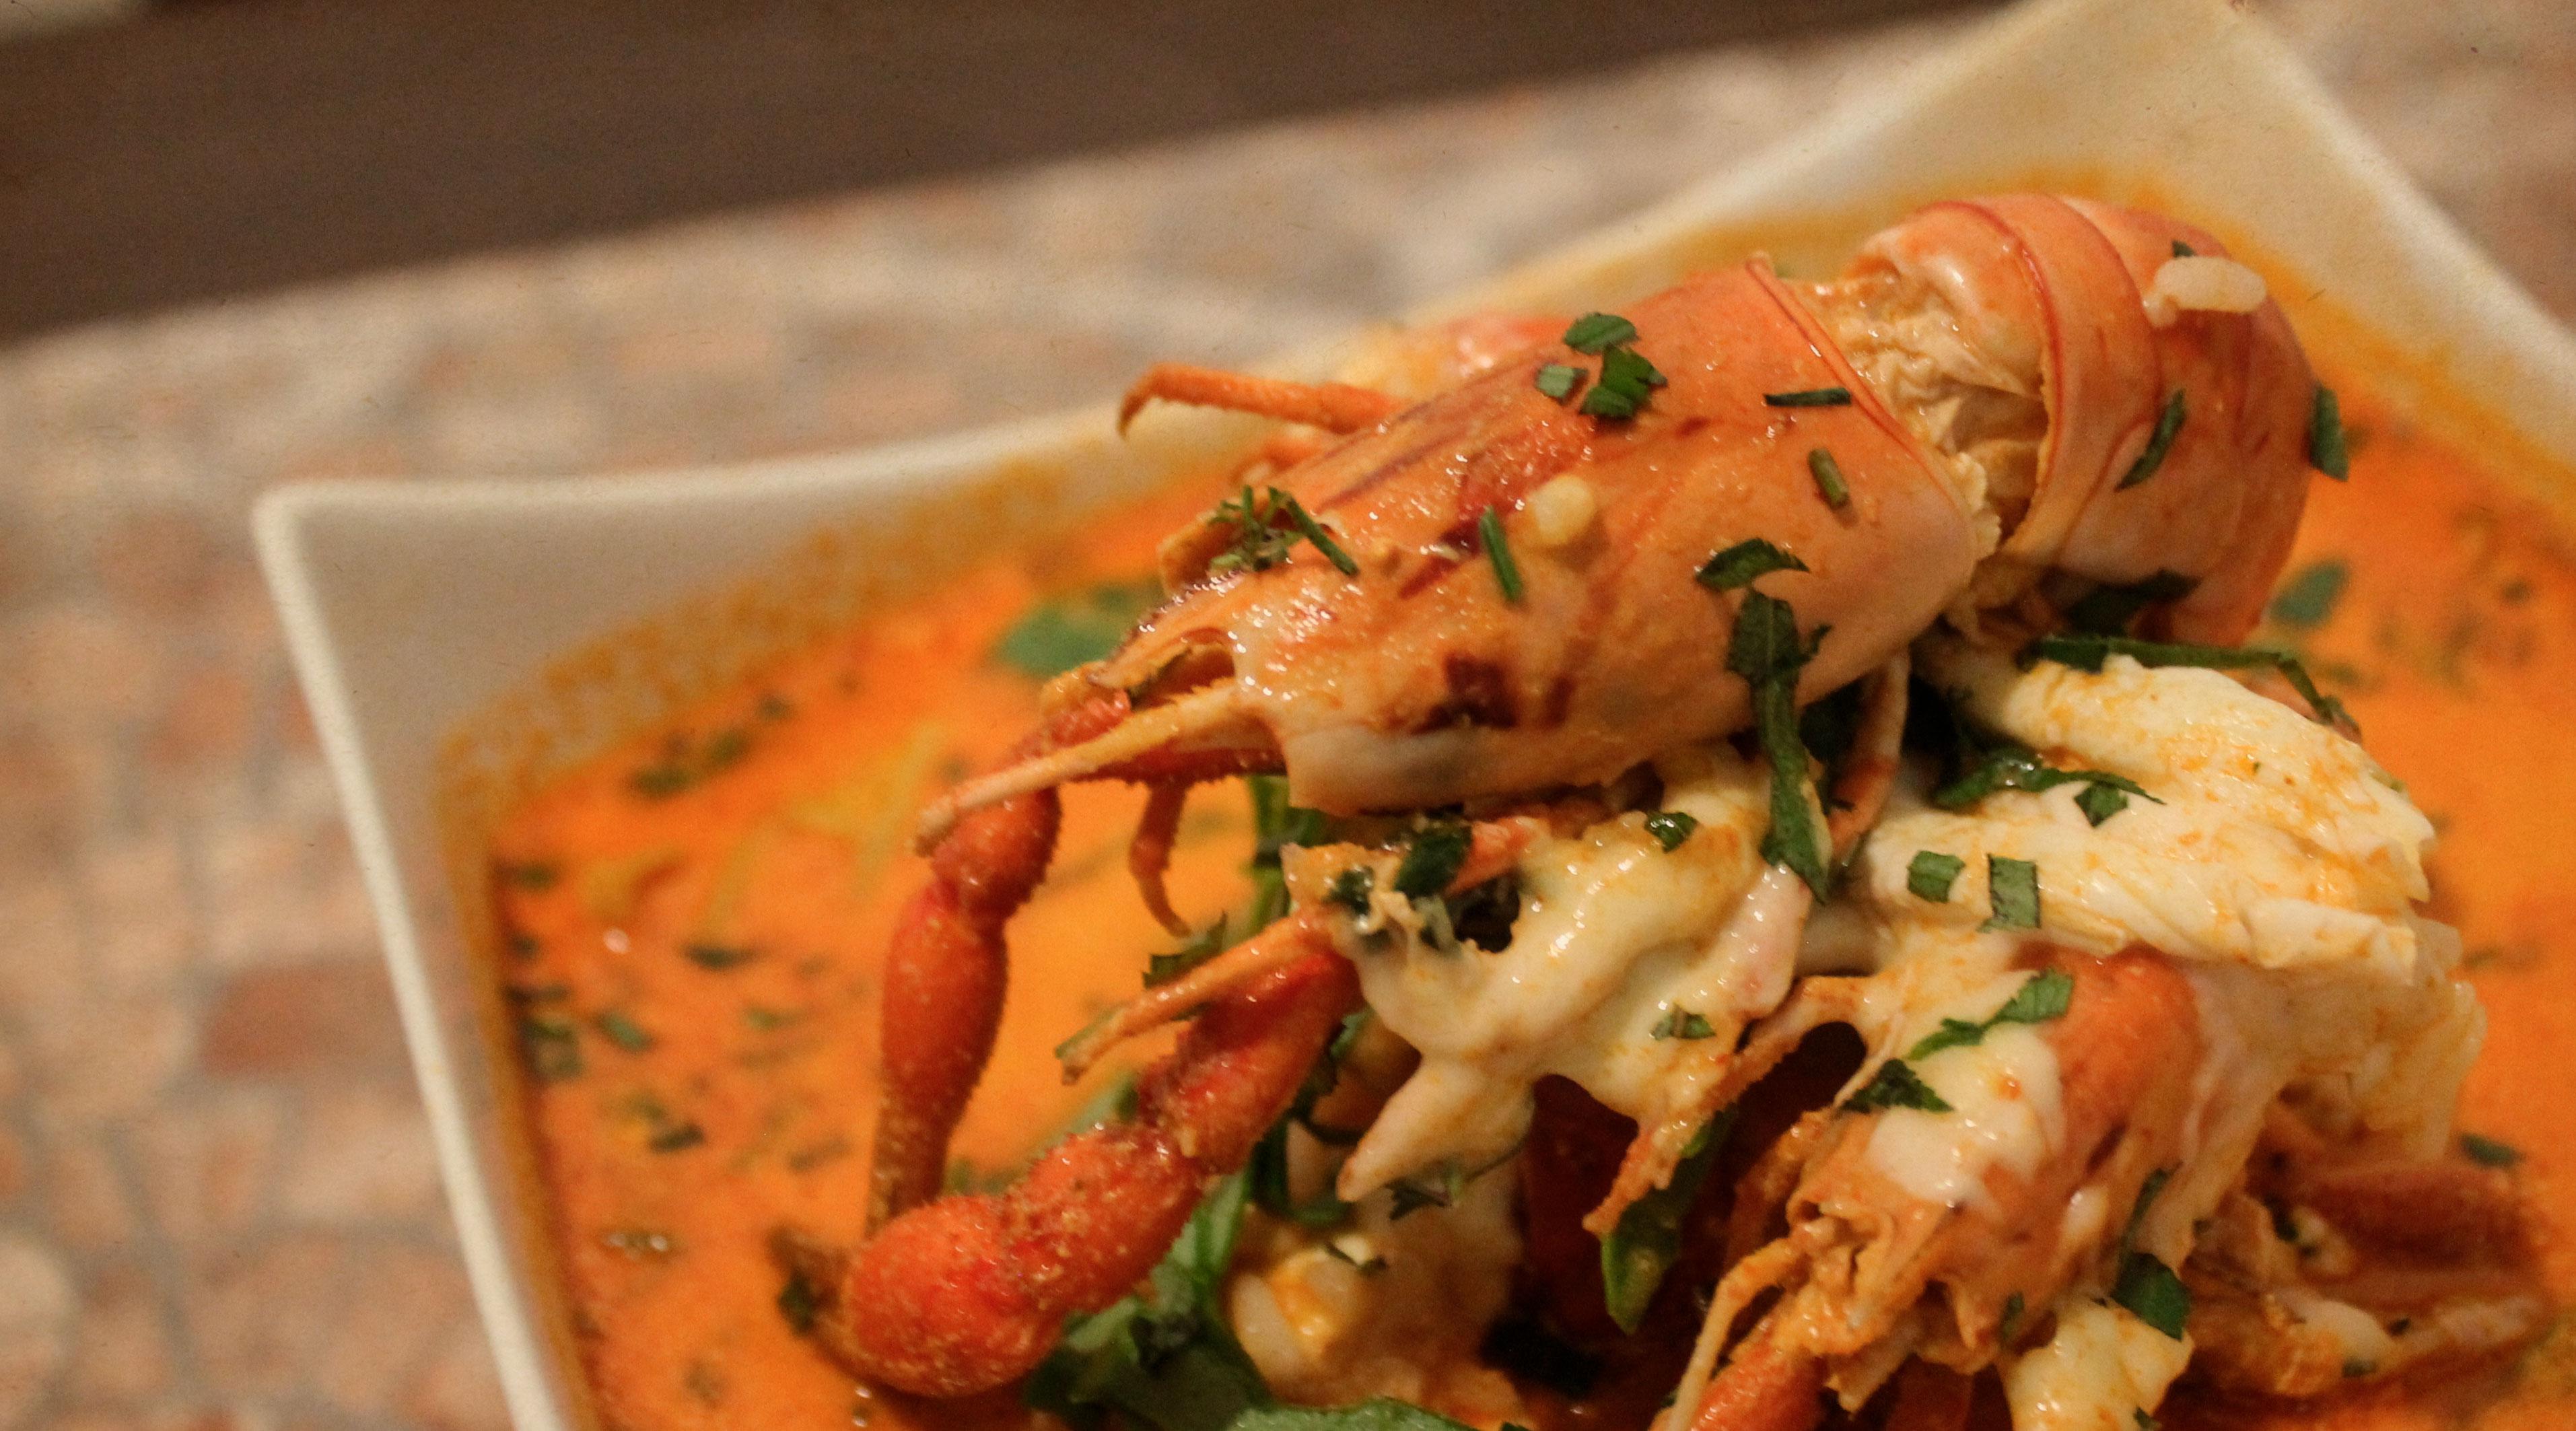 chupe-de-camarones-arequipa-restaurante-arequipeno